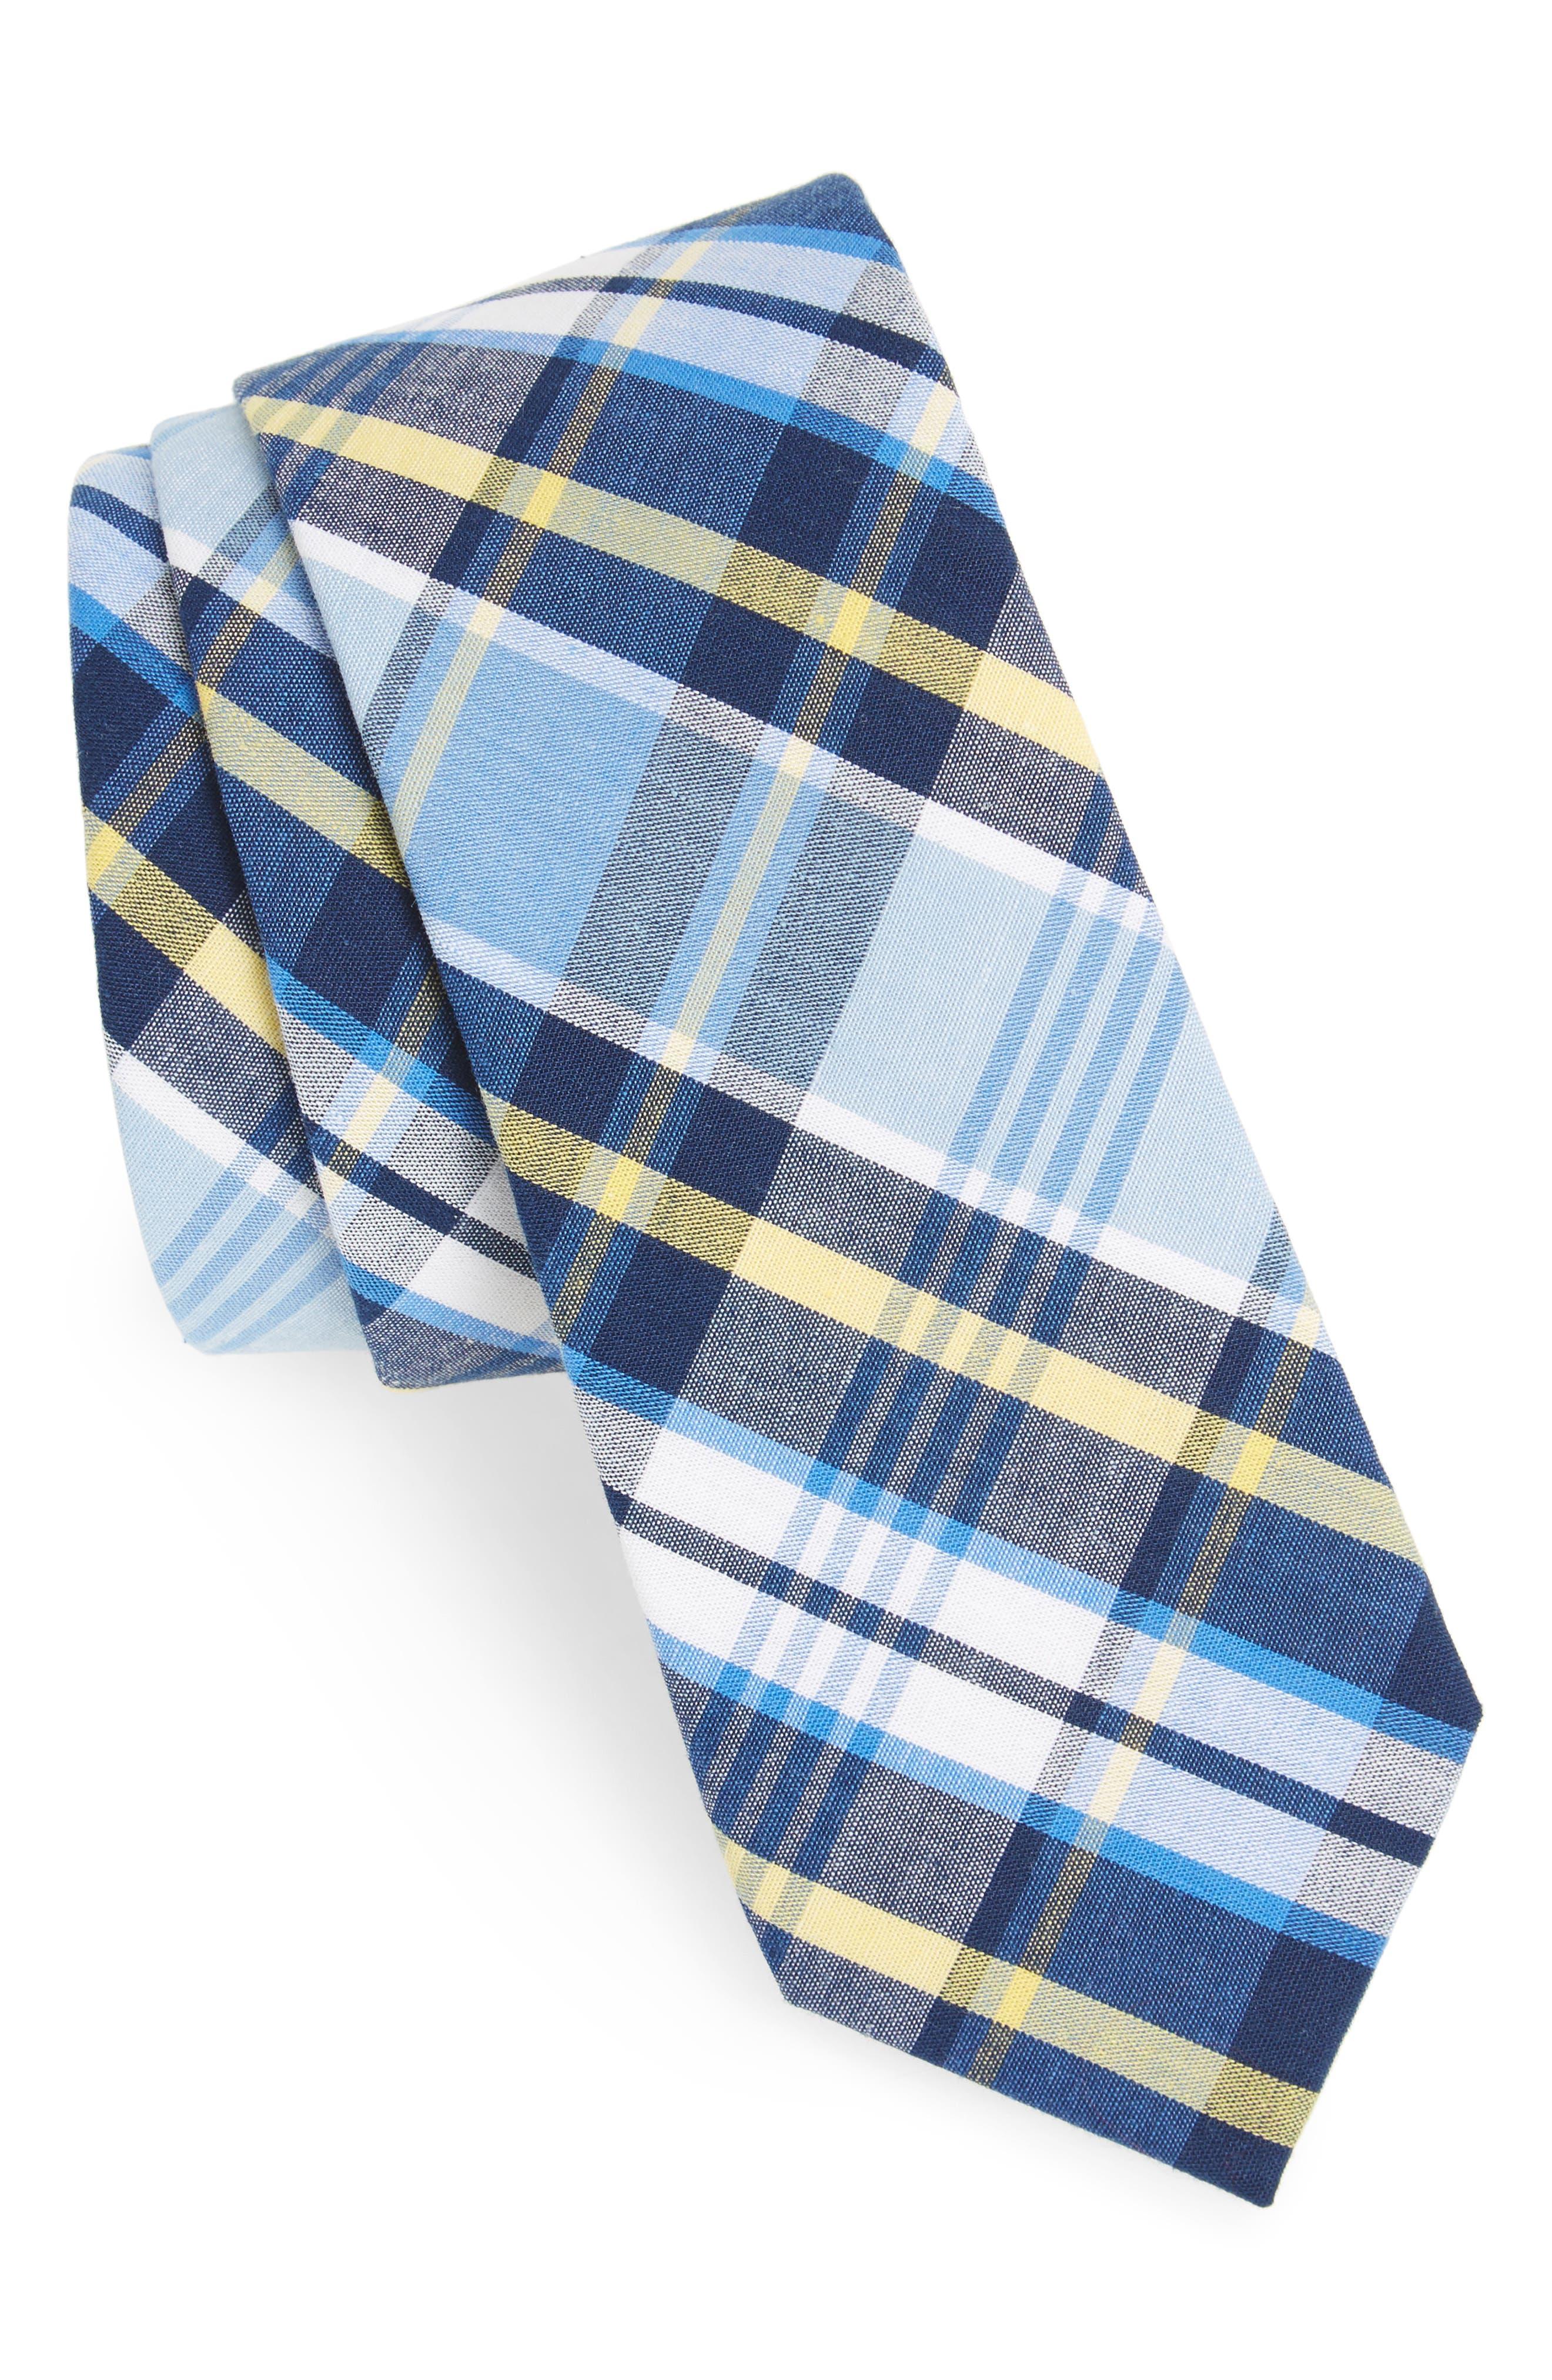 Sean Plaid Cotton Tie,                             Main thumbnail 1, color,                             Blue